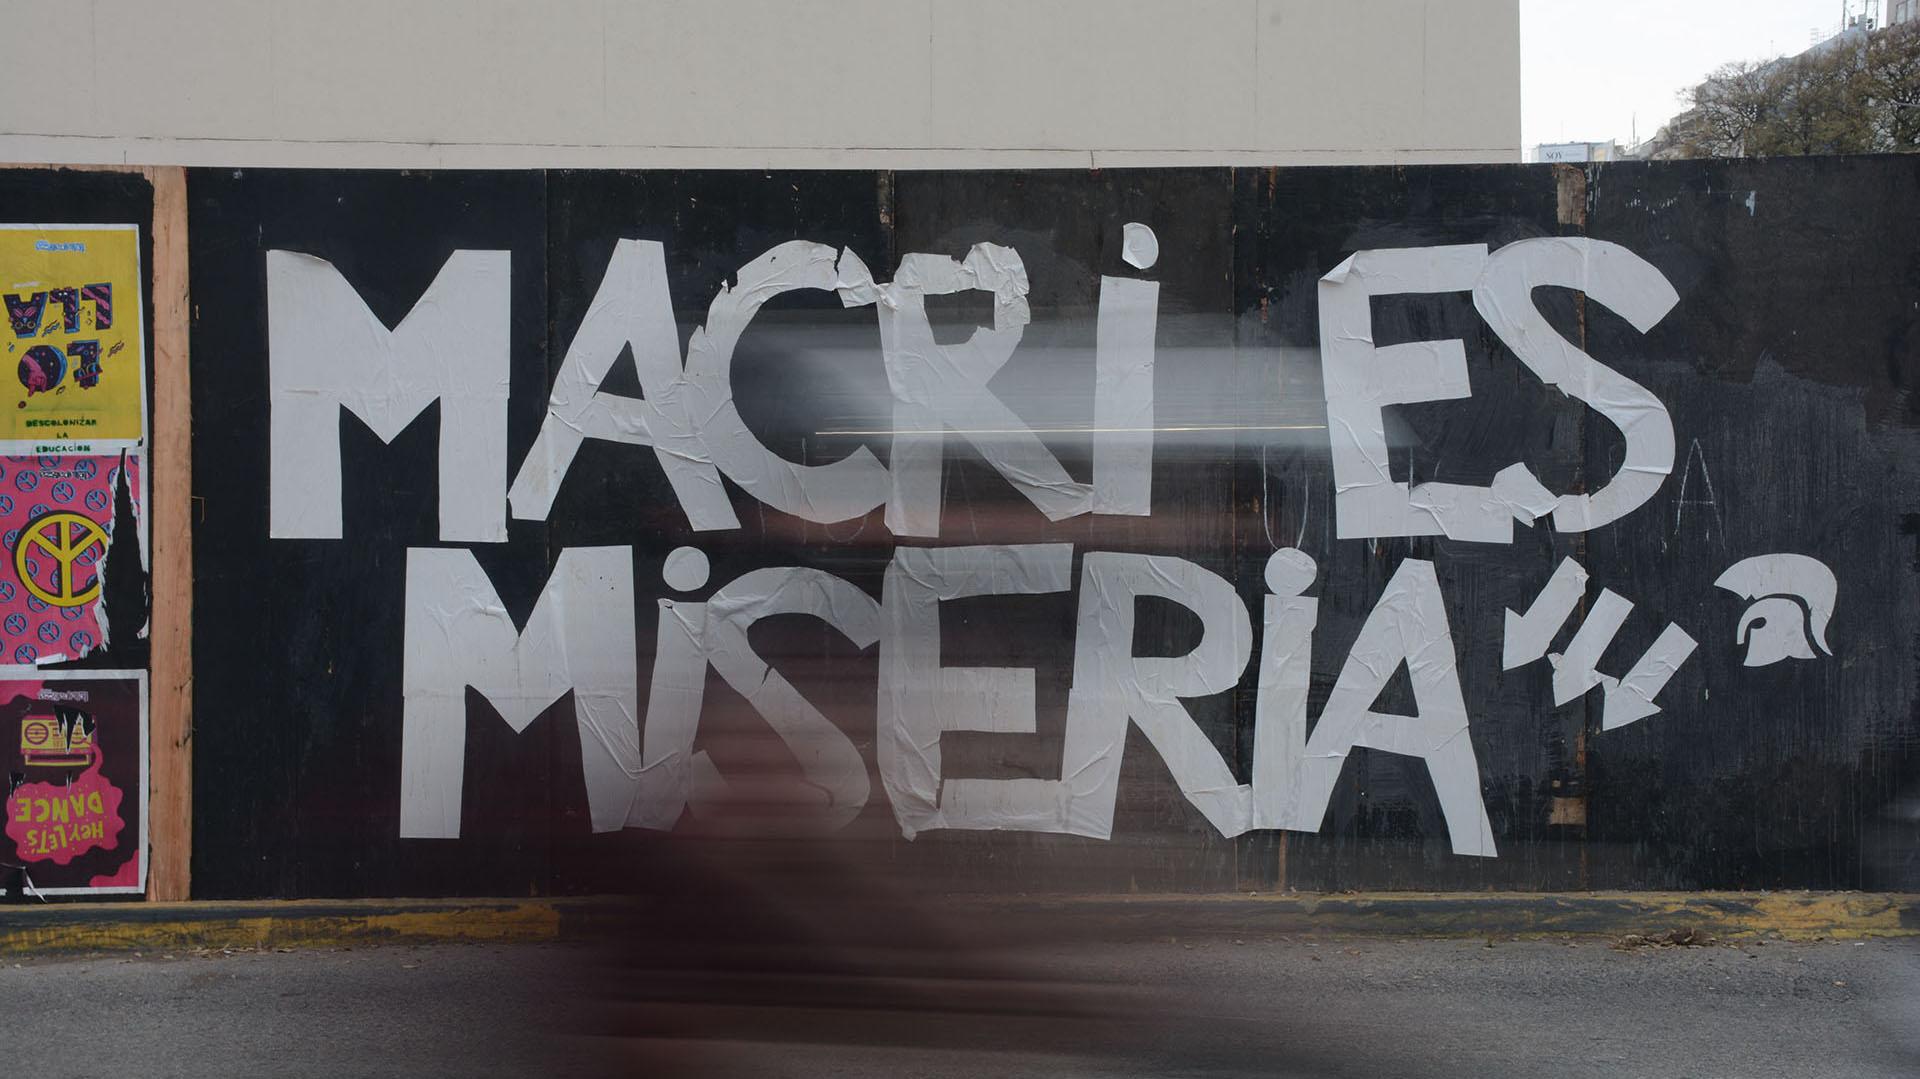 Los carteles en contra del presidente Macri se repitieron a lo largo de toda la jornada